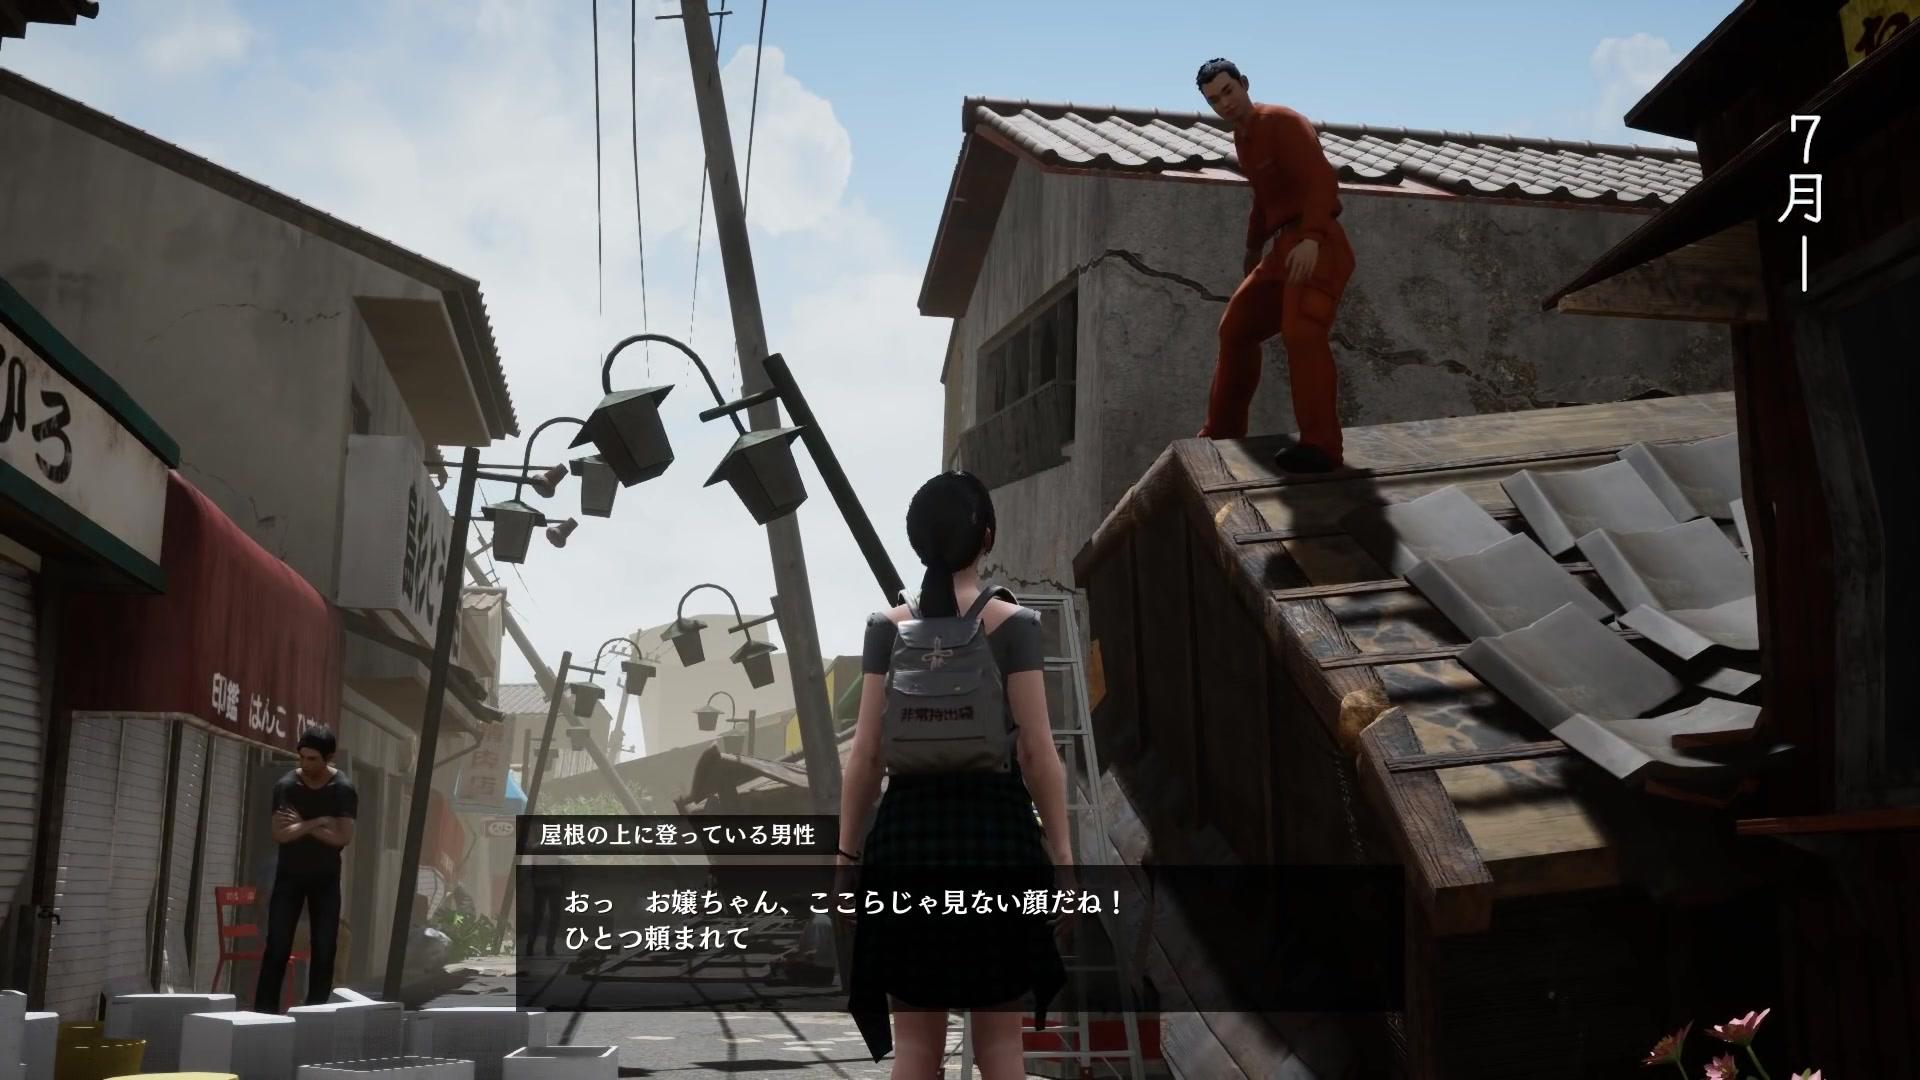 绝体绝命都市3汉化_《绝体绝命都市4 Plus》公布新视频 下周发布试玩版_3DM单机